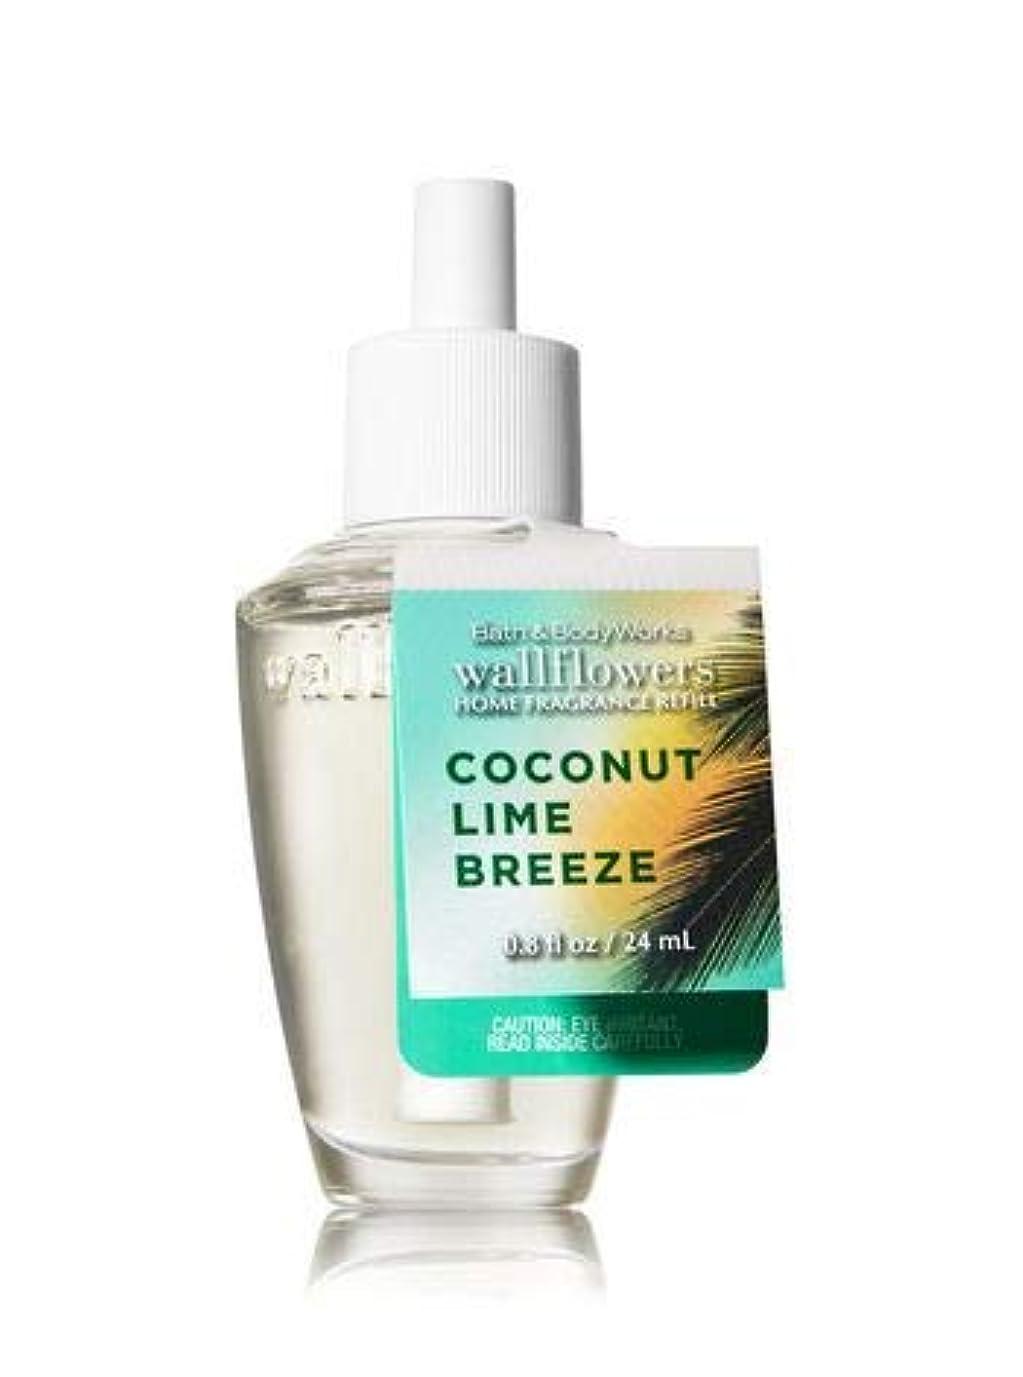 ちょっと待ってロッカー予測子【Bath&Body Works/バス&ボディワークス】 ルームフレグランス 詰替えリフィル ココナッツライムブリーズ Wallflowers Home Fragrance Refill Coconut Lime Breeze [並行輸入品]